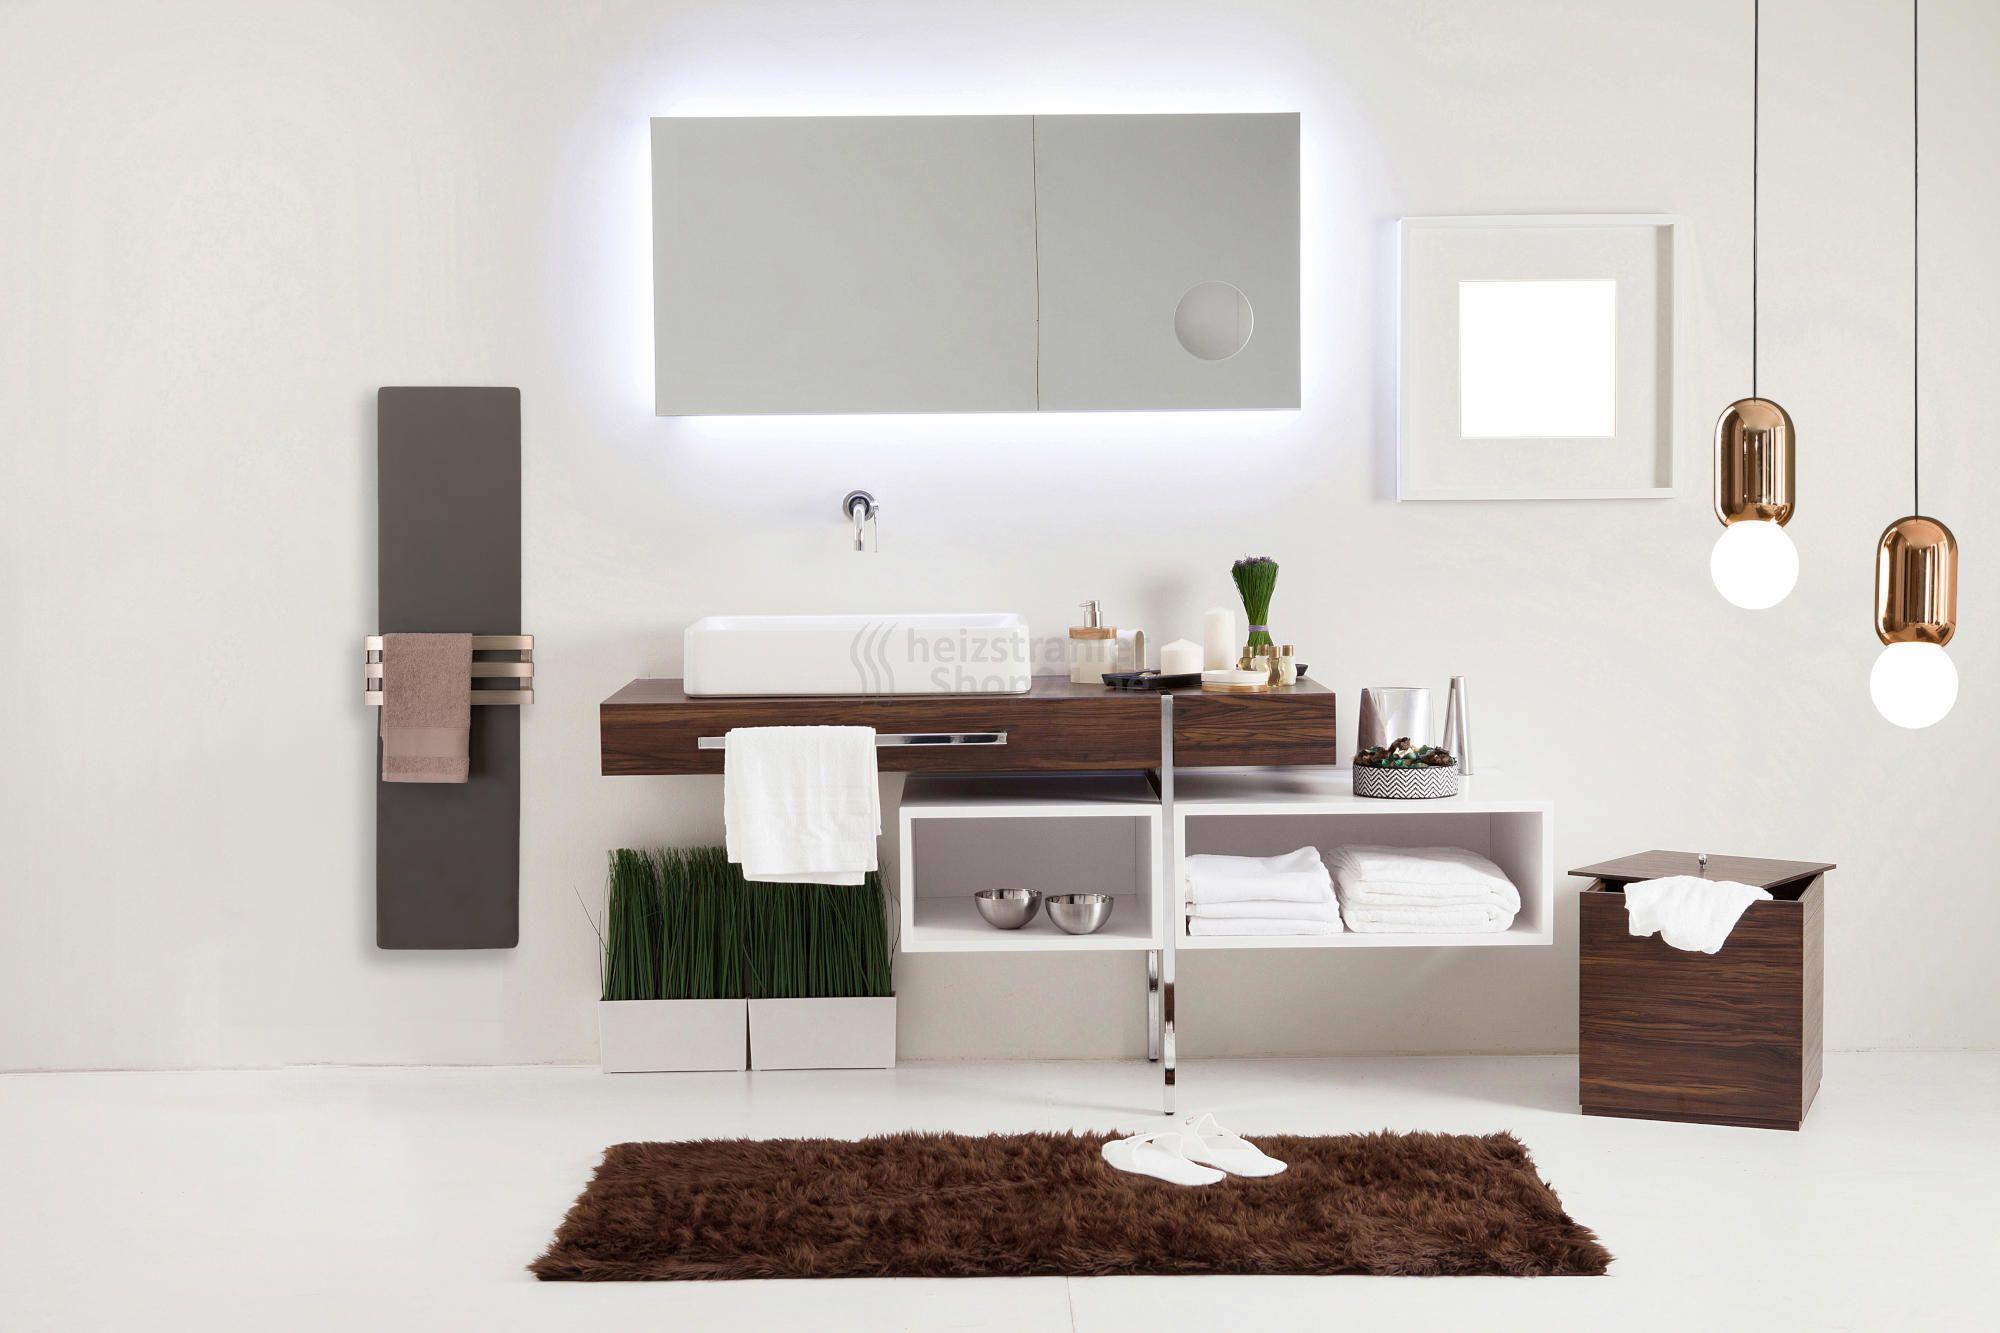 Edles Designelement Mit Infrarottechnik Infrarotheizung Feuertisch Spiegelheizung